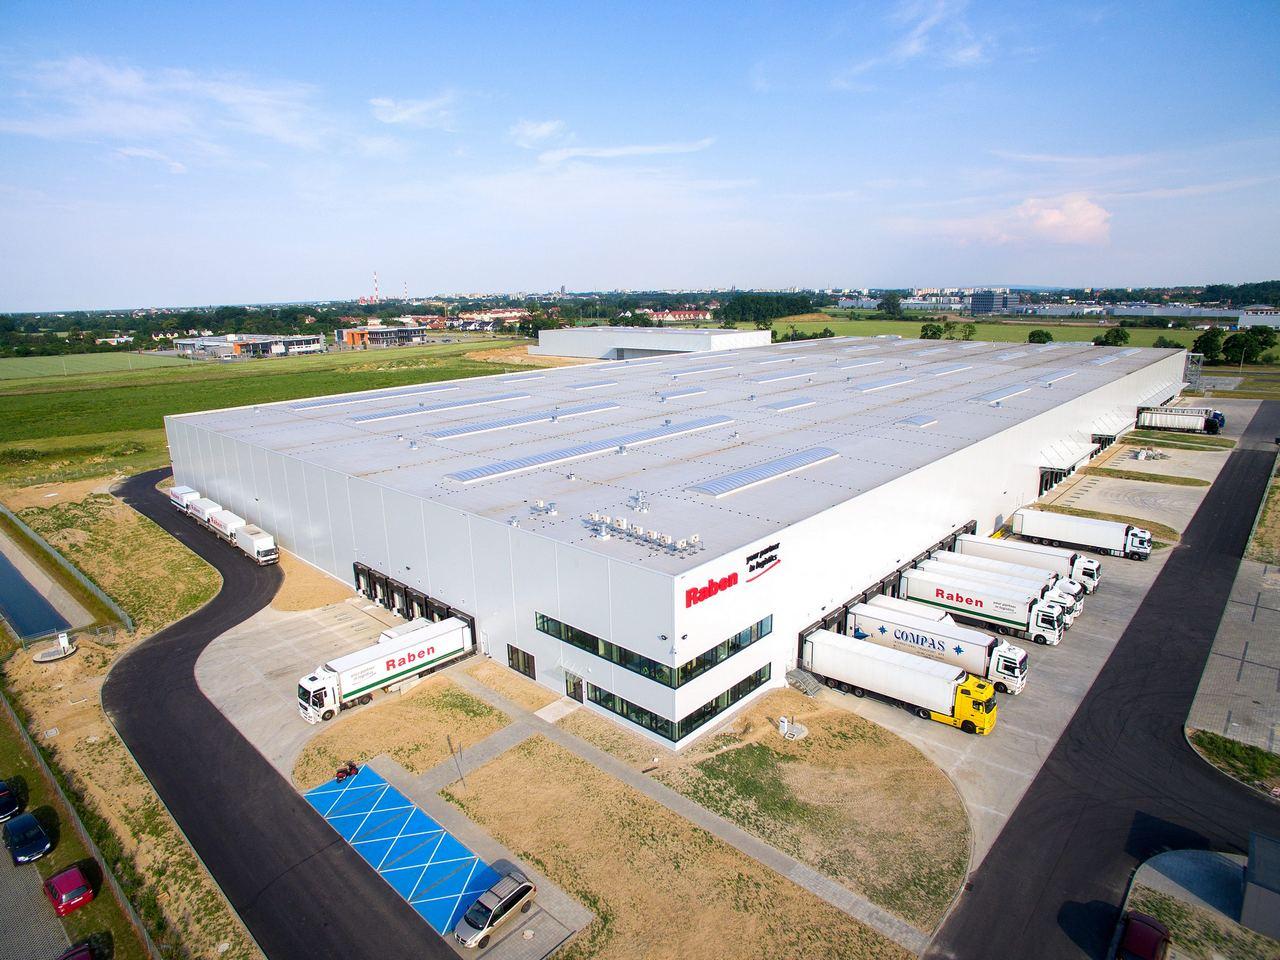 CTP wybuduje sieć parków logistycznych w Polsce, w 2021 r. chce zainwesto-wać 200 milionów euro - Poilish Magazine